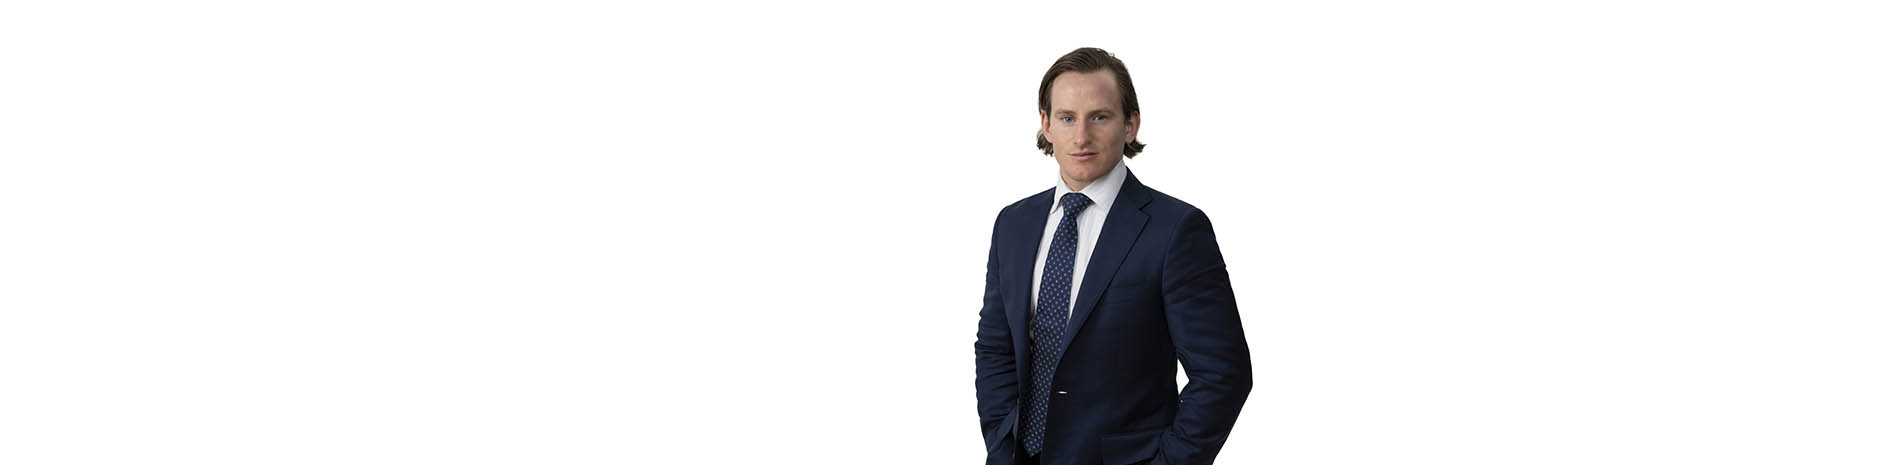 Dylan Morris Criminal Solicitor Melbourne